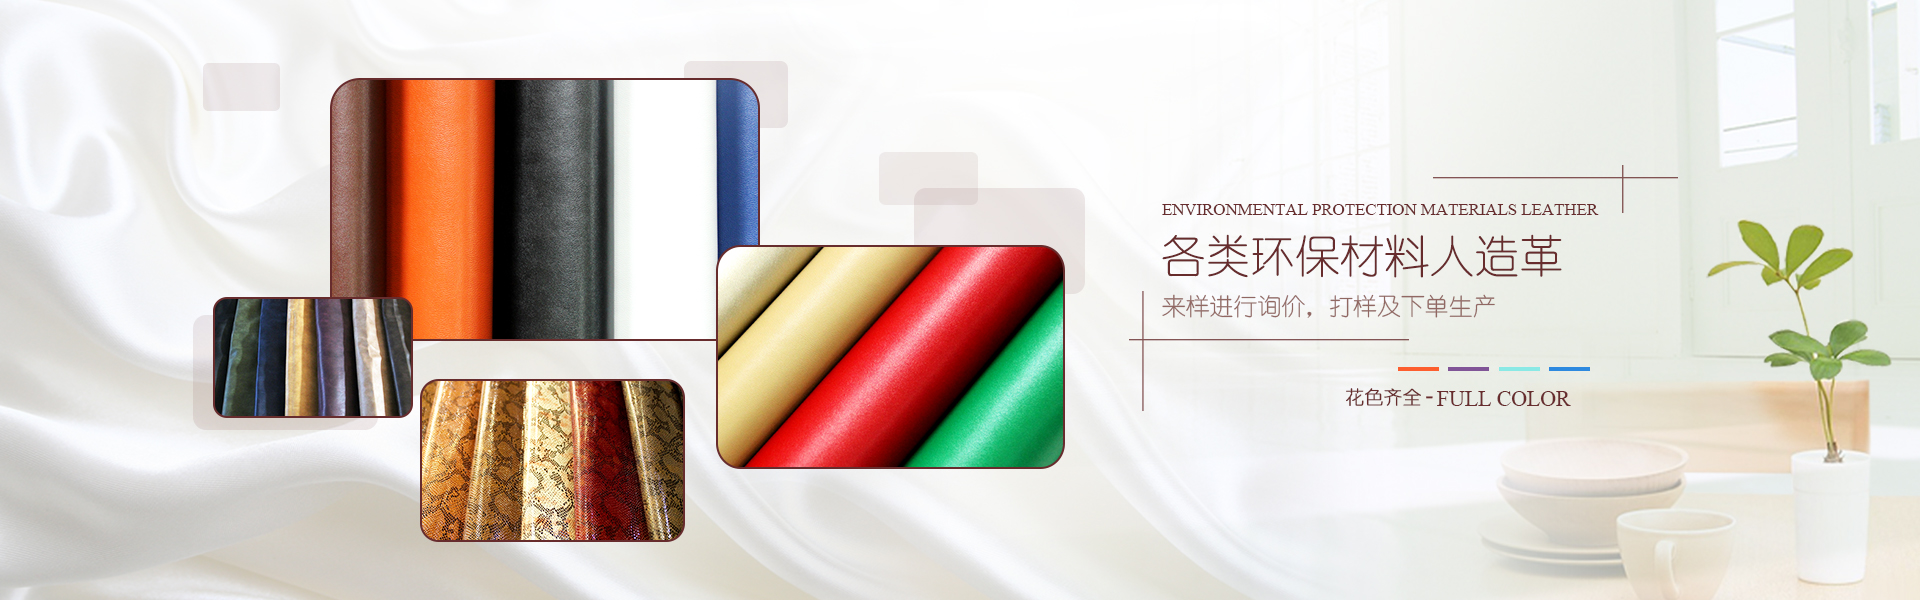 上海人造革批发